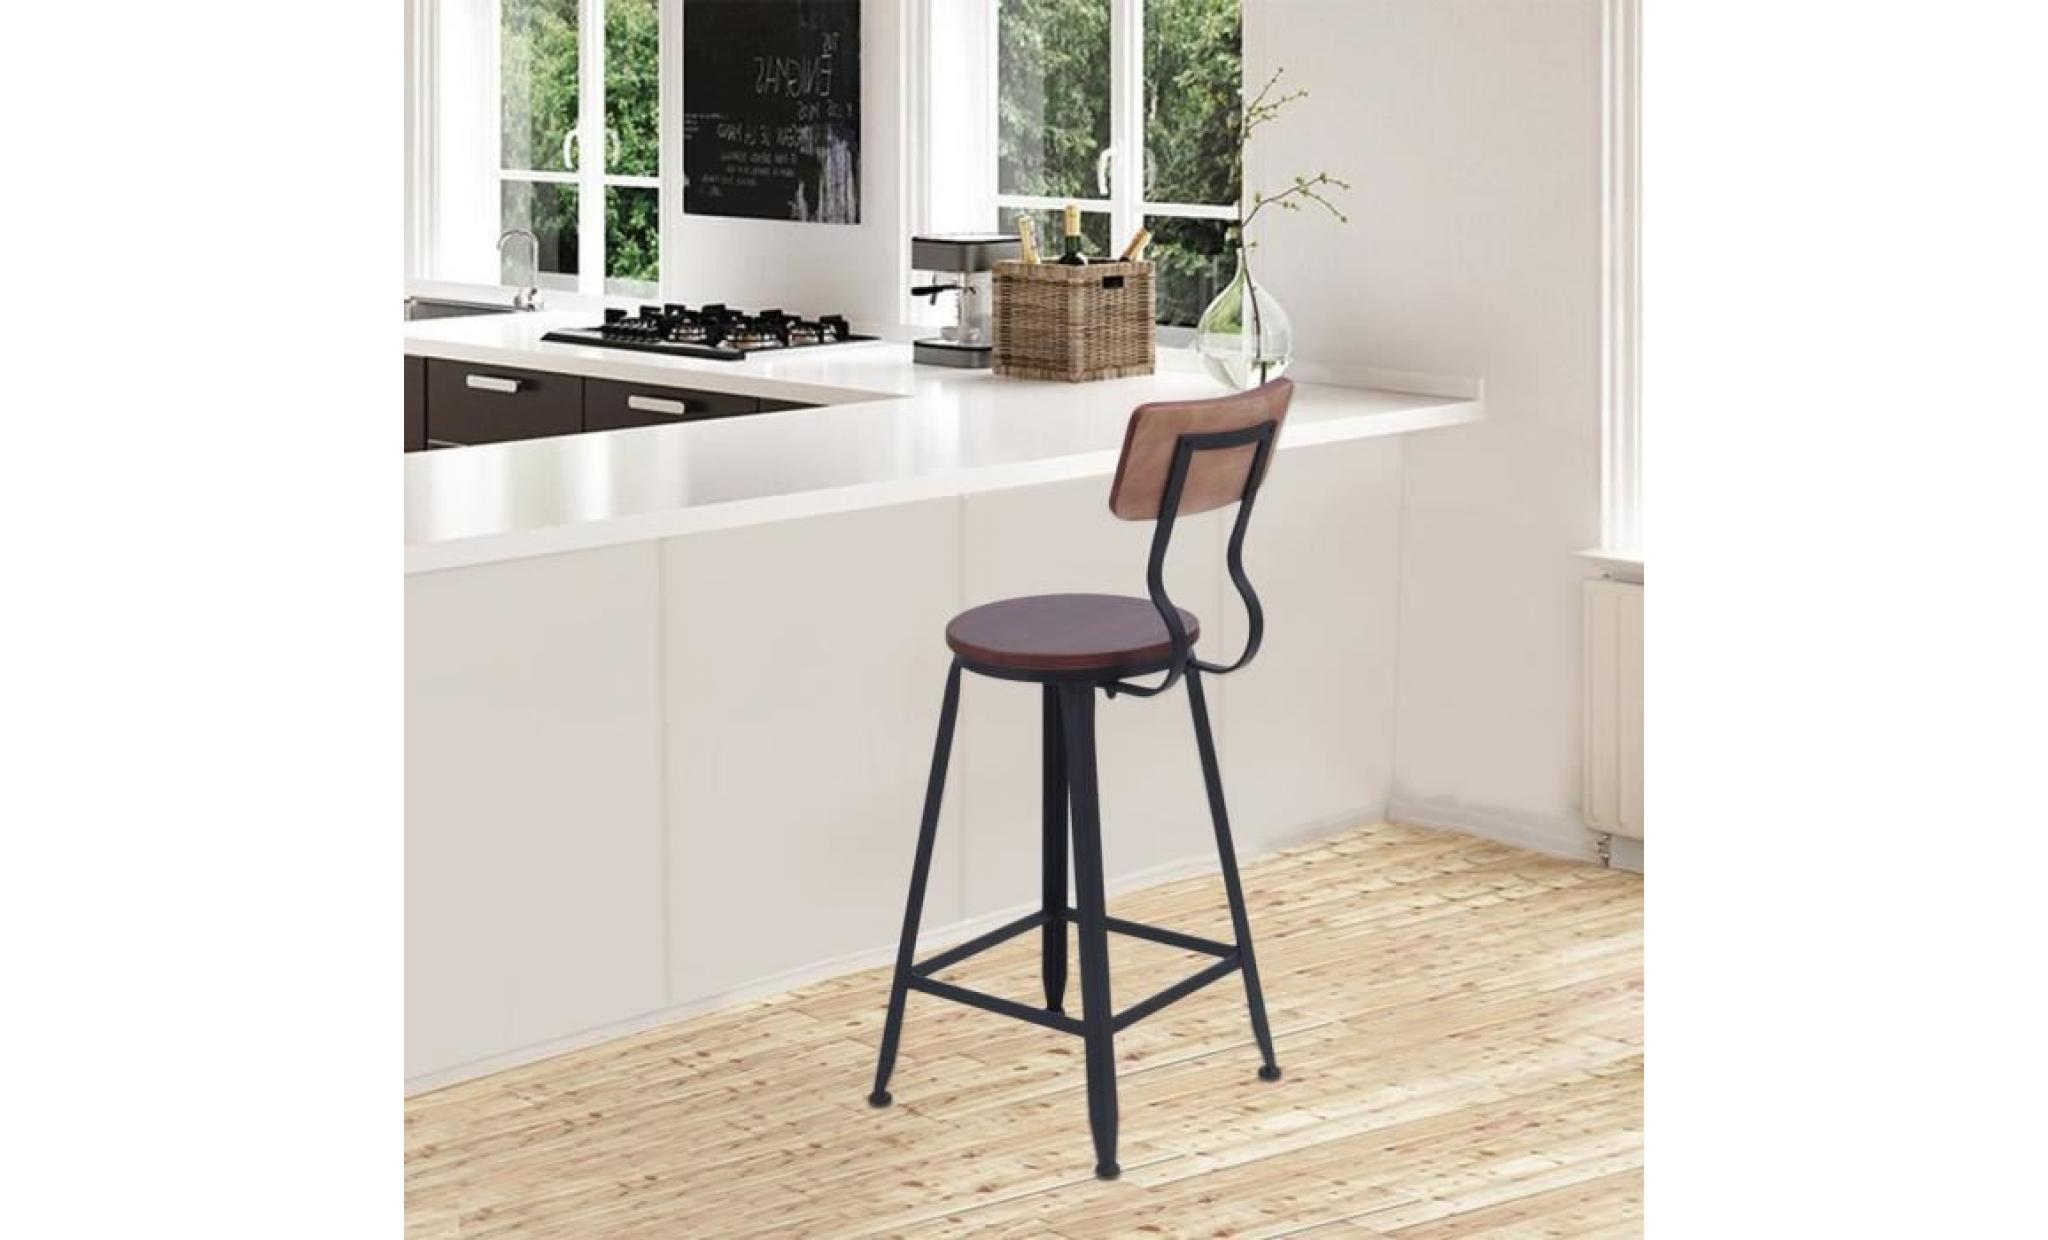 haut tabouret de bar avec dossier bois et fer vintage 4 pieds chaise de bar salle a manger achat vente tabouret pas cher couleur et design fr